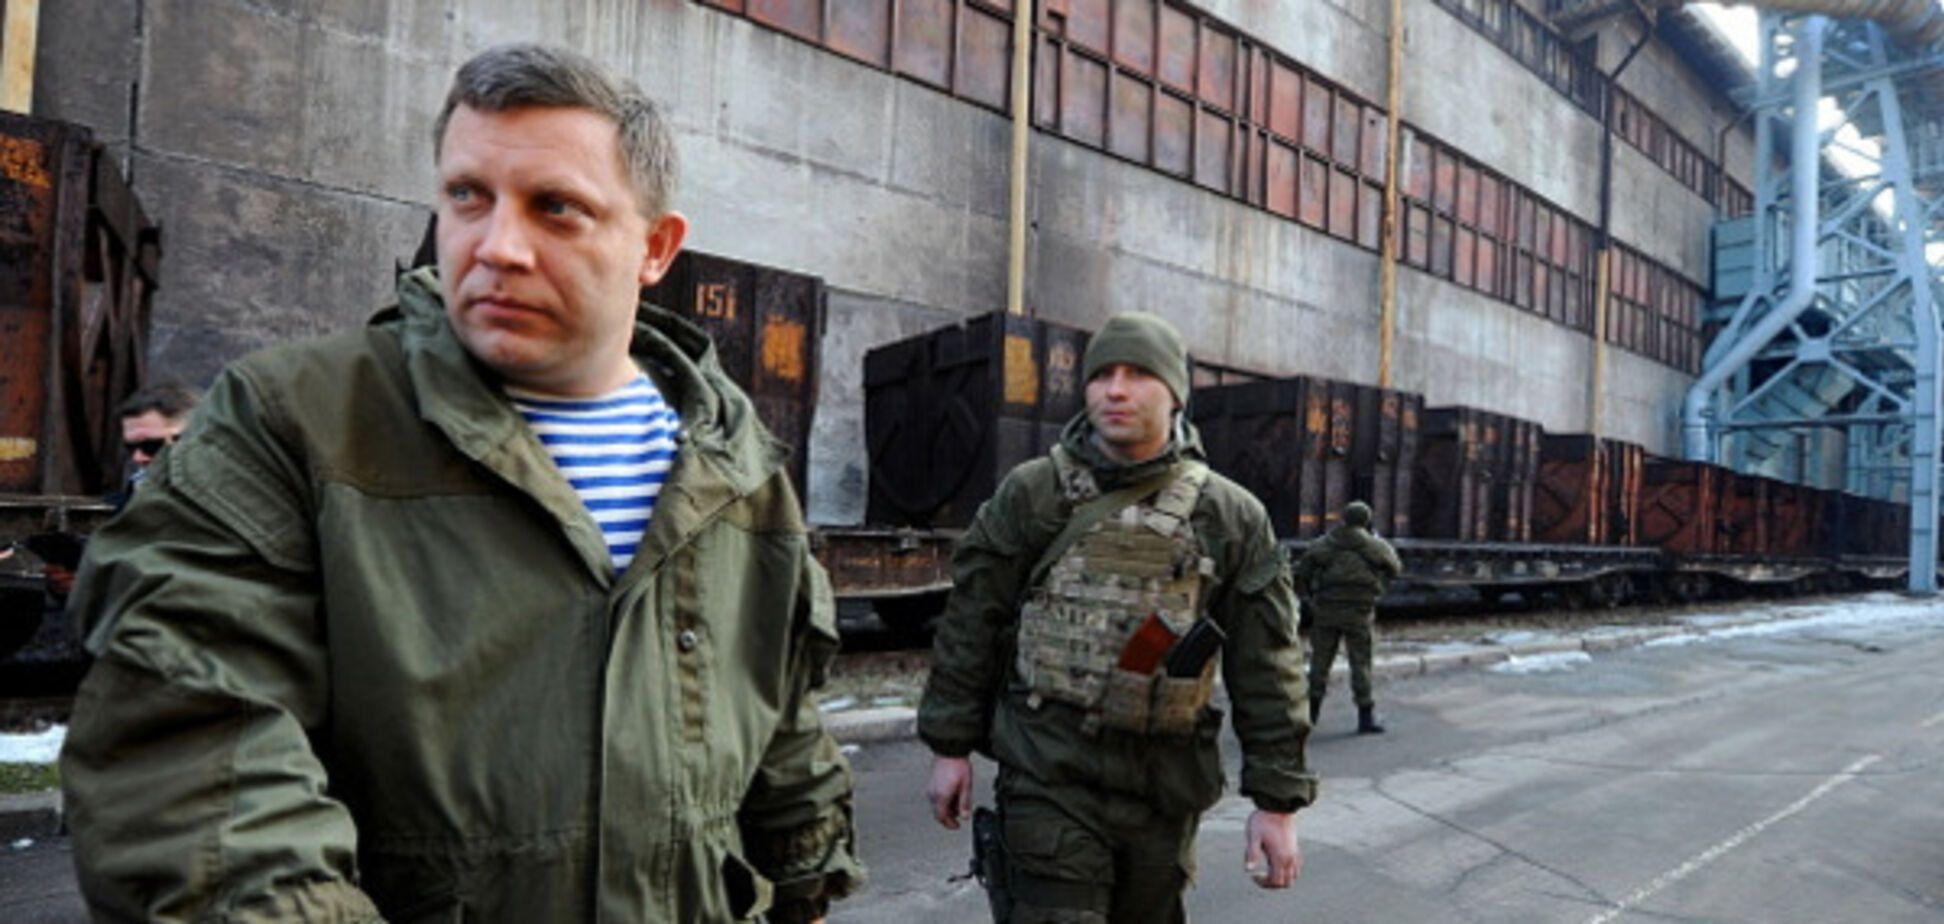 Ватажок 'ДНР' процитував Медведчука і запропонував Україні жити без світла